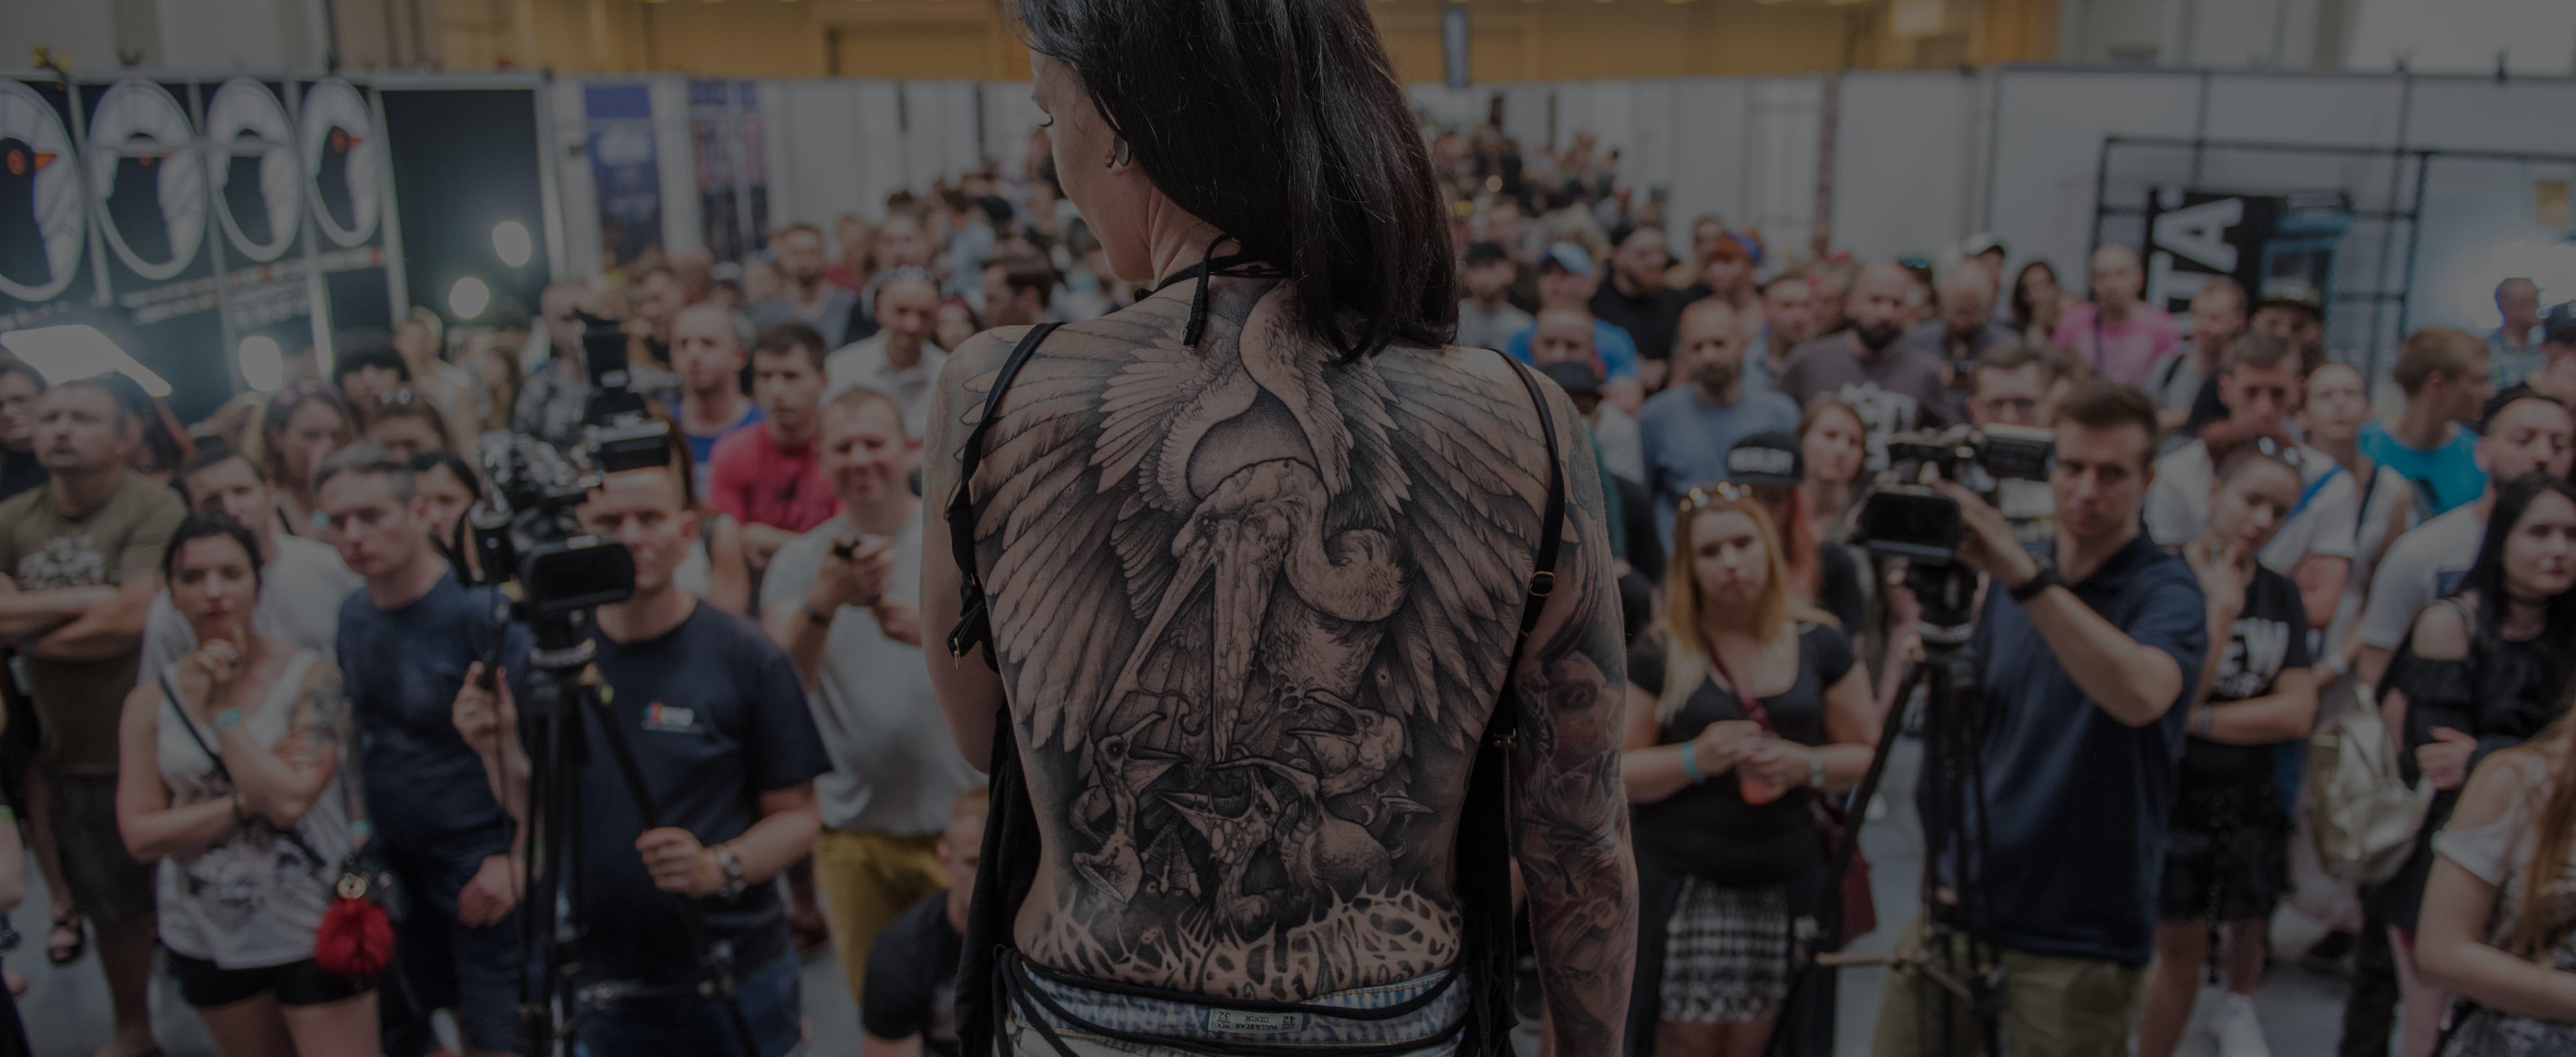 Konkurs Tatuazu Tattoofest Convention Festiwal 2018 Krakow